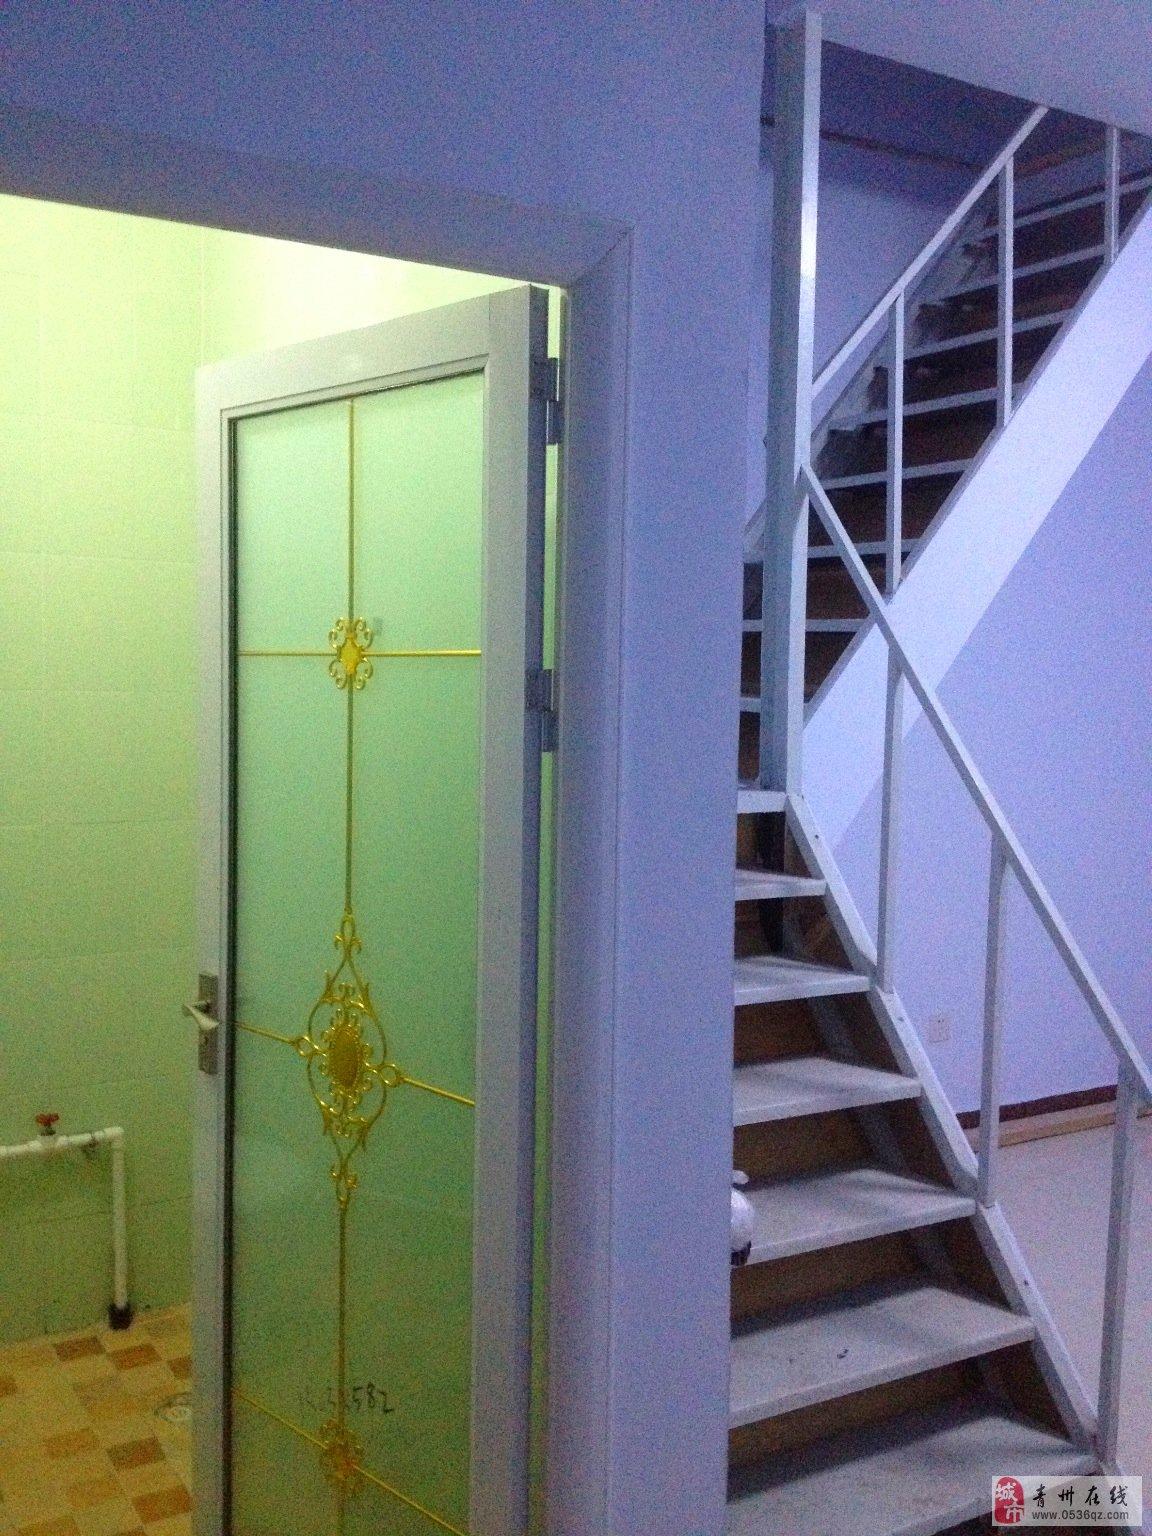 乐活街区三楼单身公寓小复式一室一厅出租图片